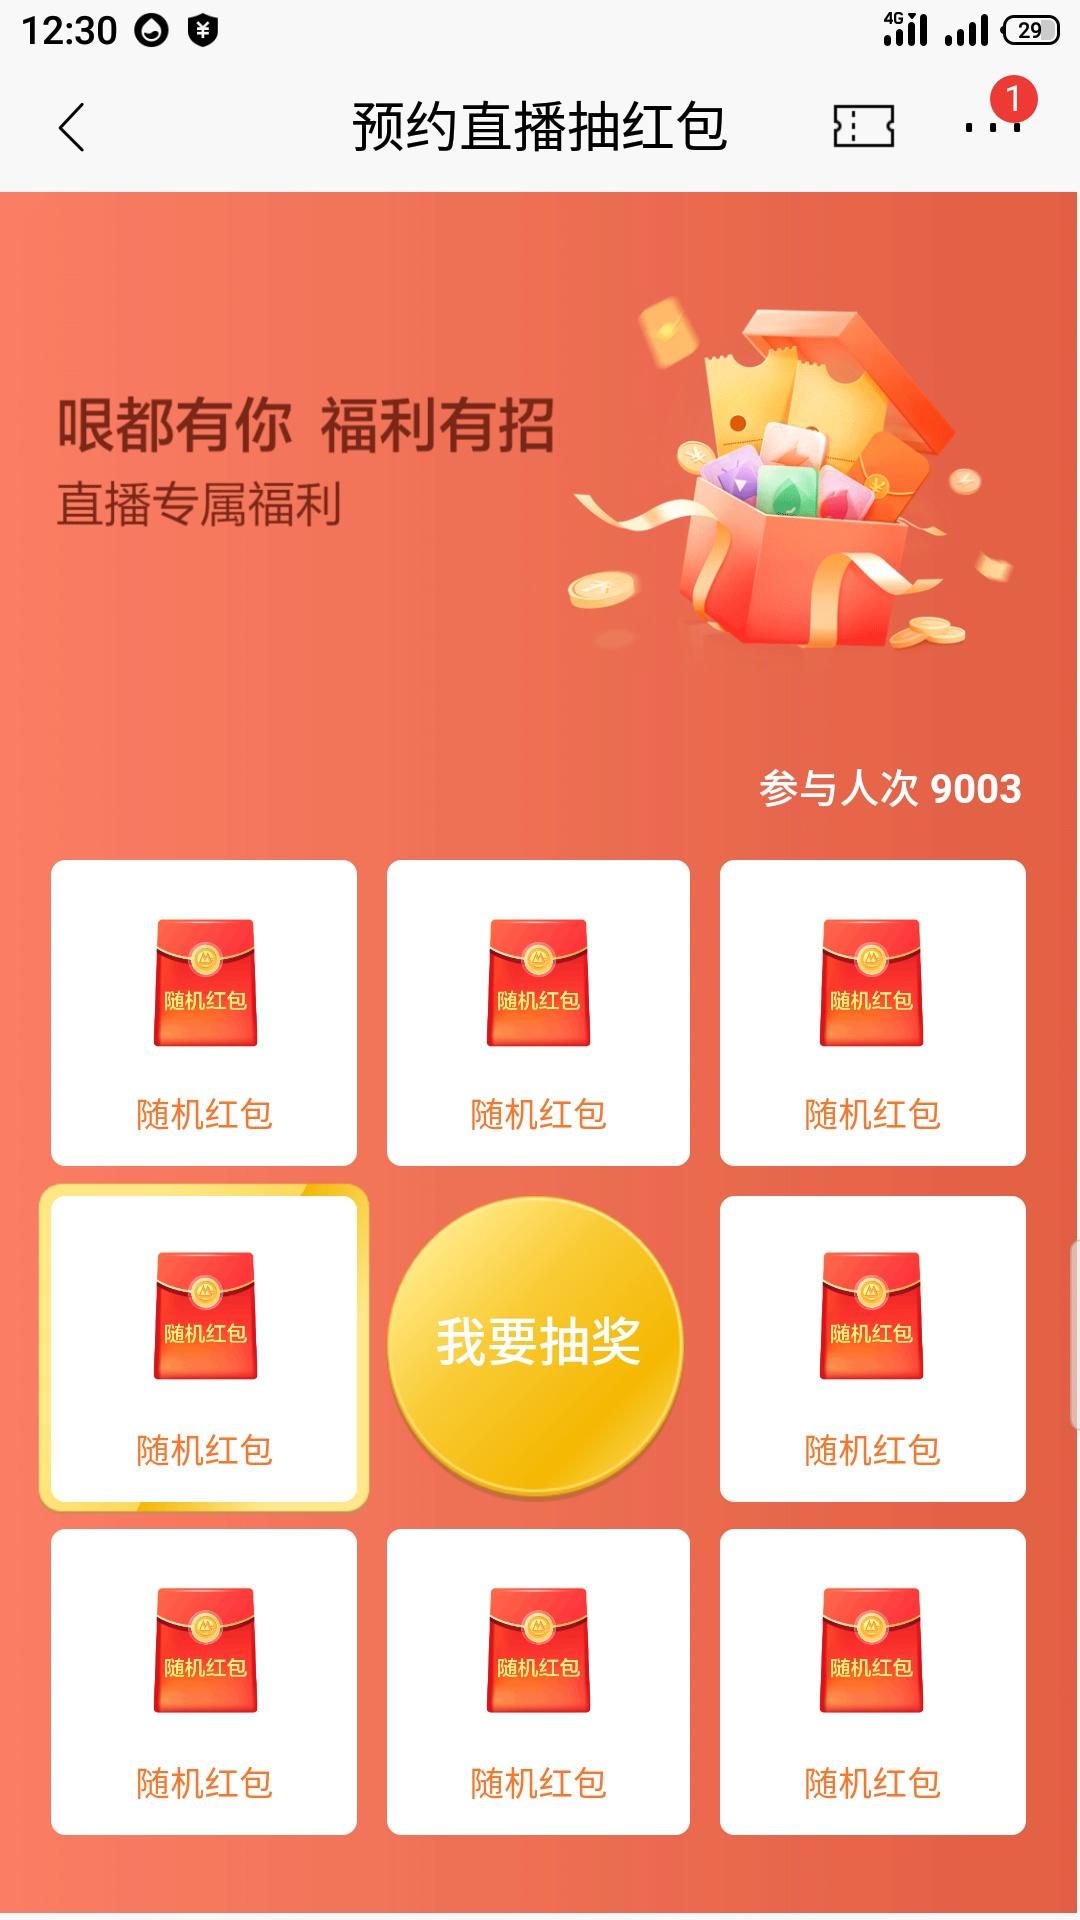 招商银行app预约直播抽红包插图